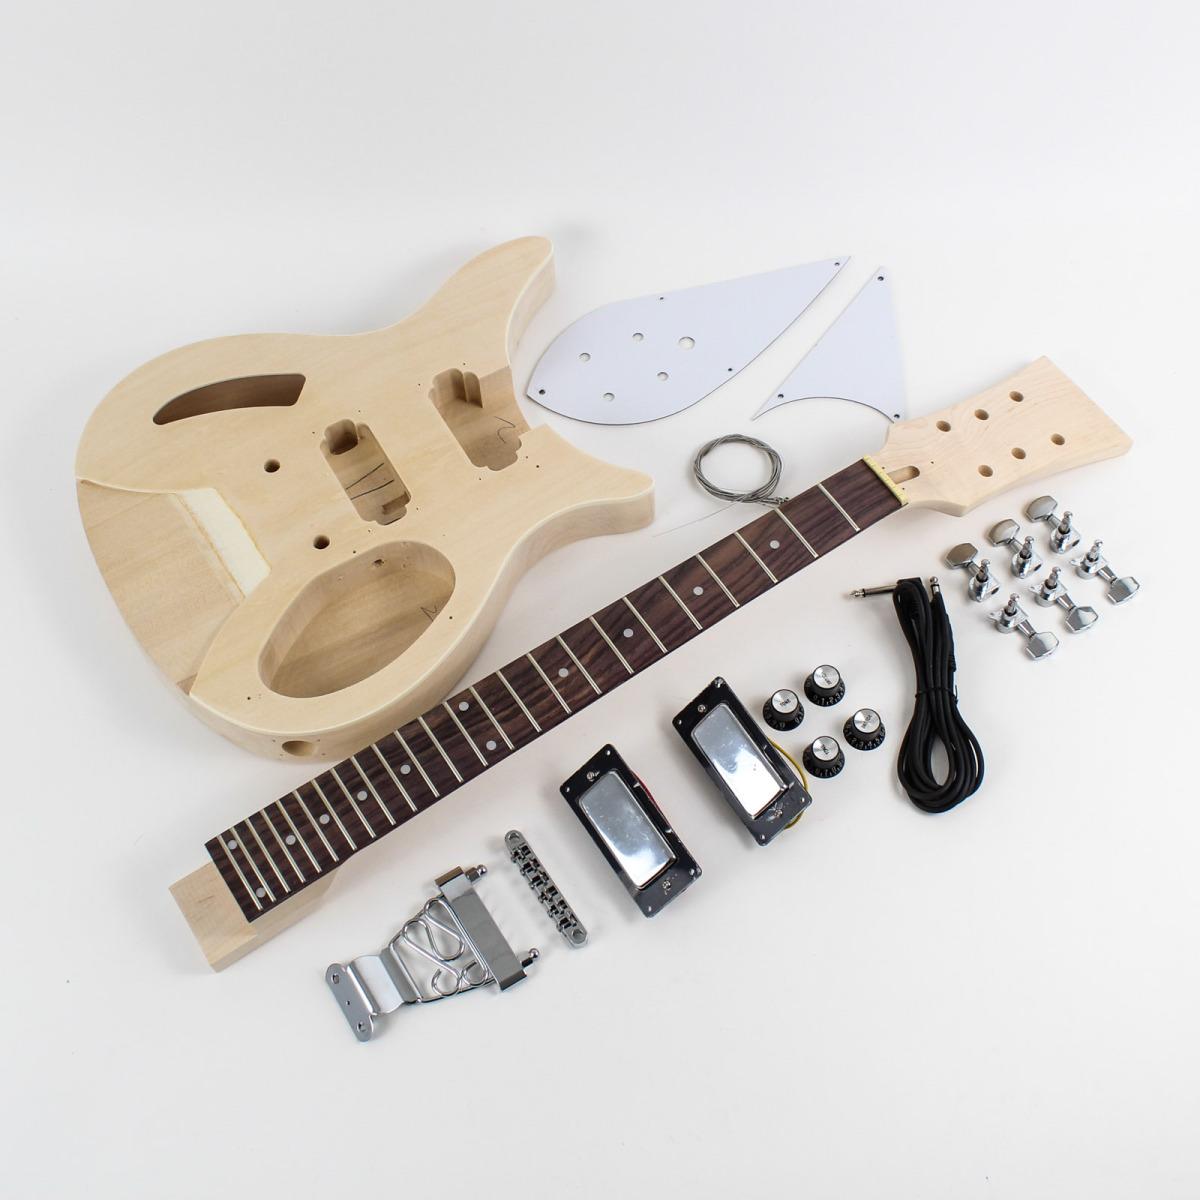 hight resolution of rickenbacker diy guitar kit